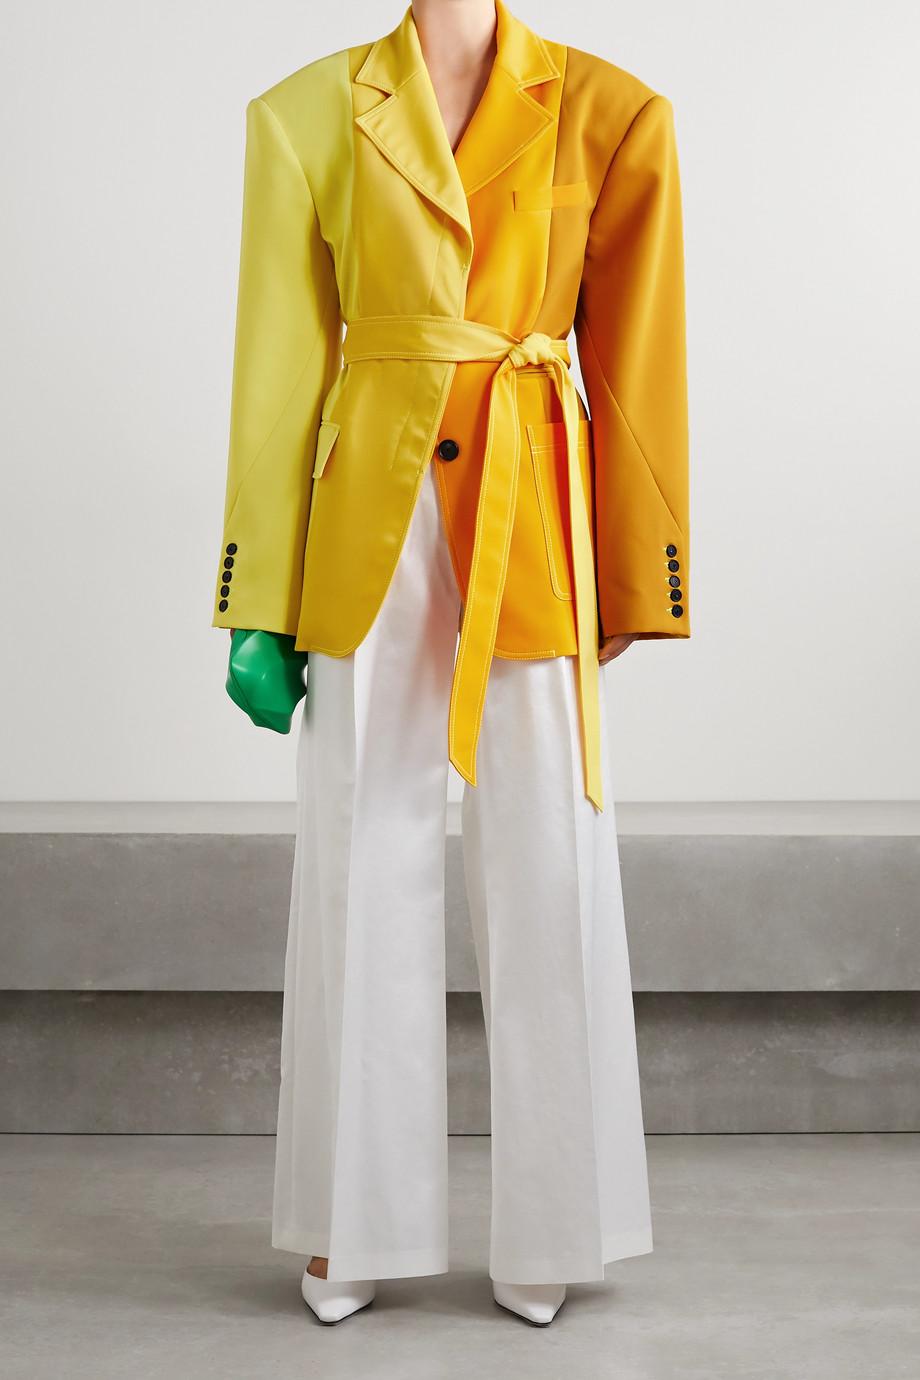 Christopher John Rogers 大廓形配腰带拼色绉纱西装外套